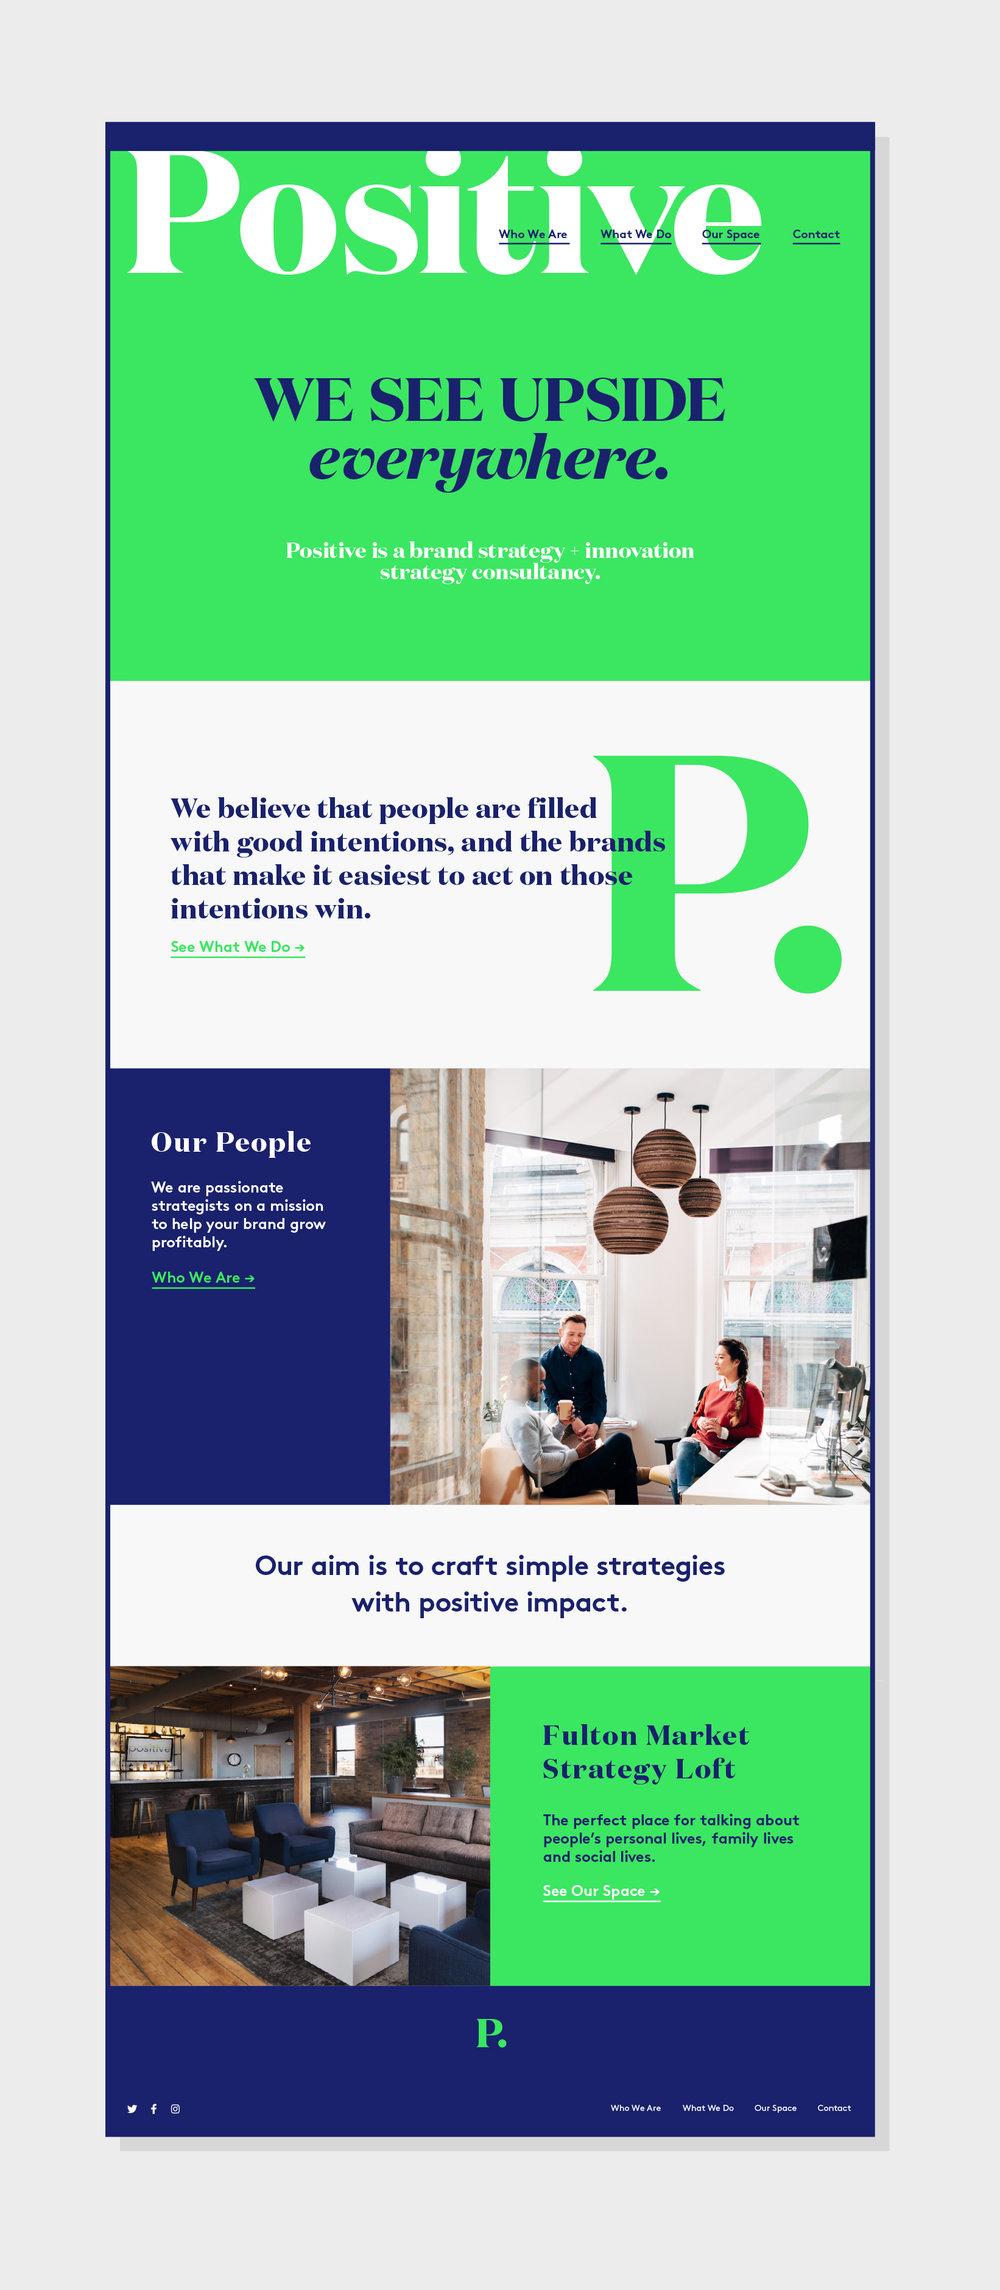 positive-work-06.jpg